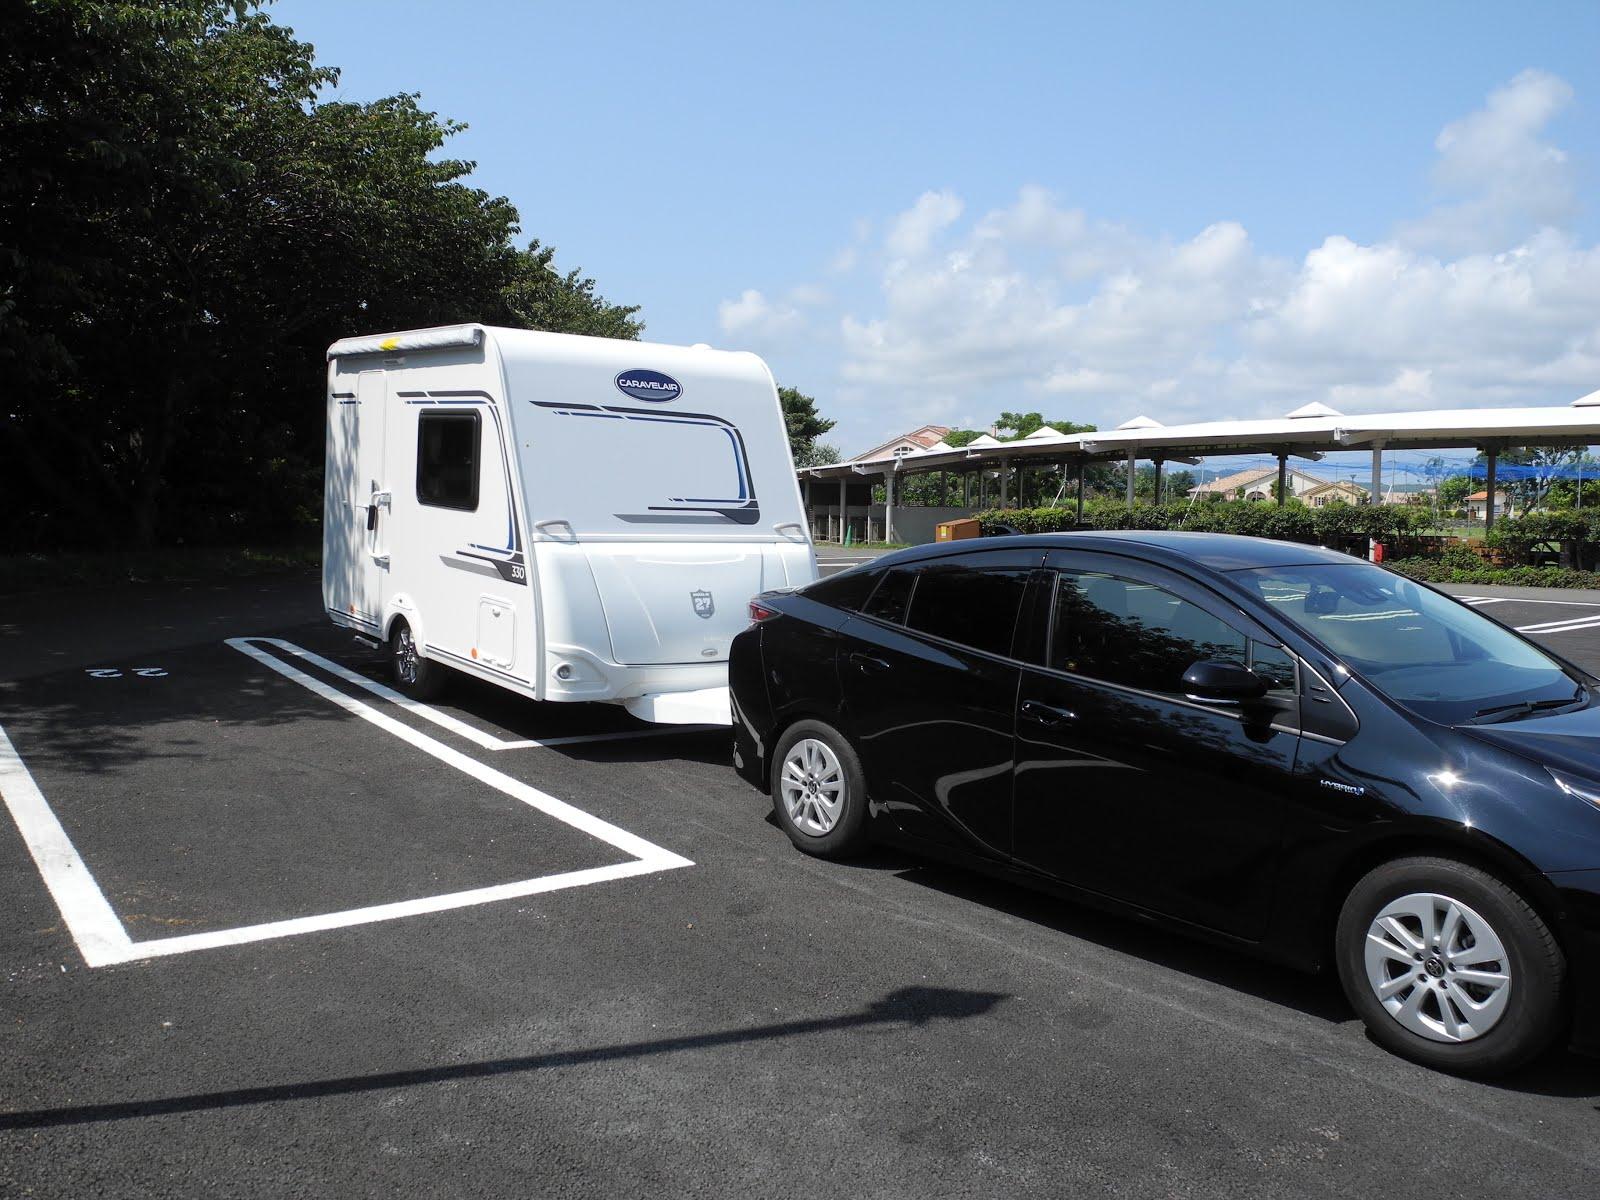 tama mac private camp small trailer trip in miura peninsula